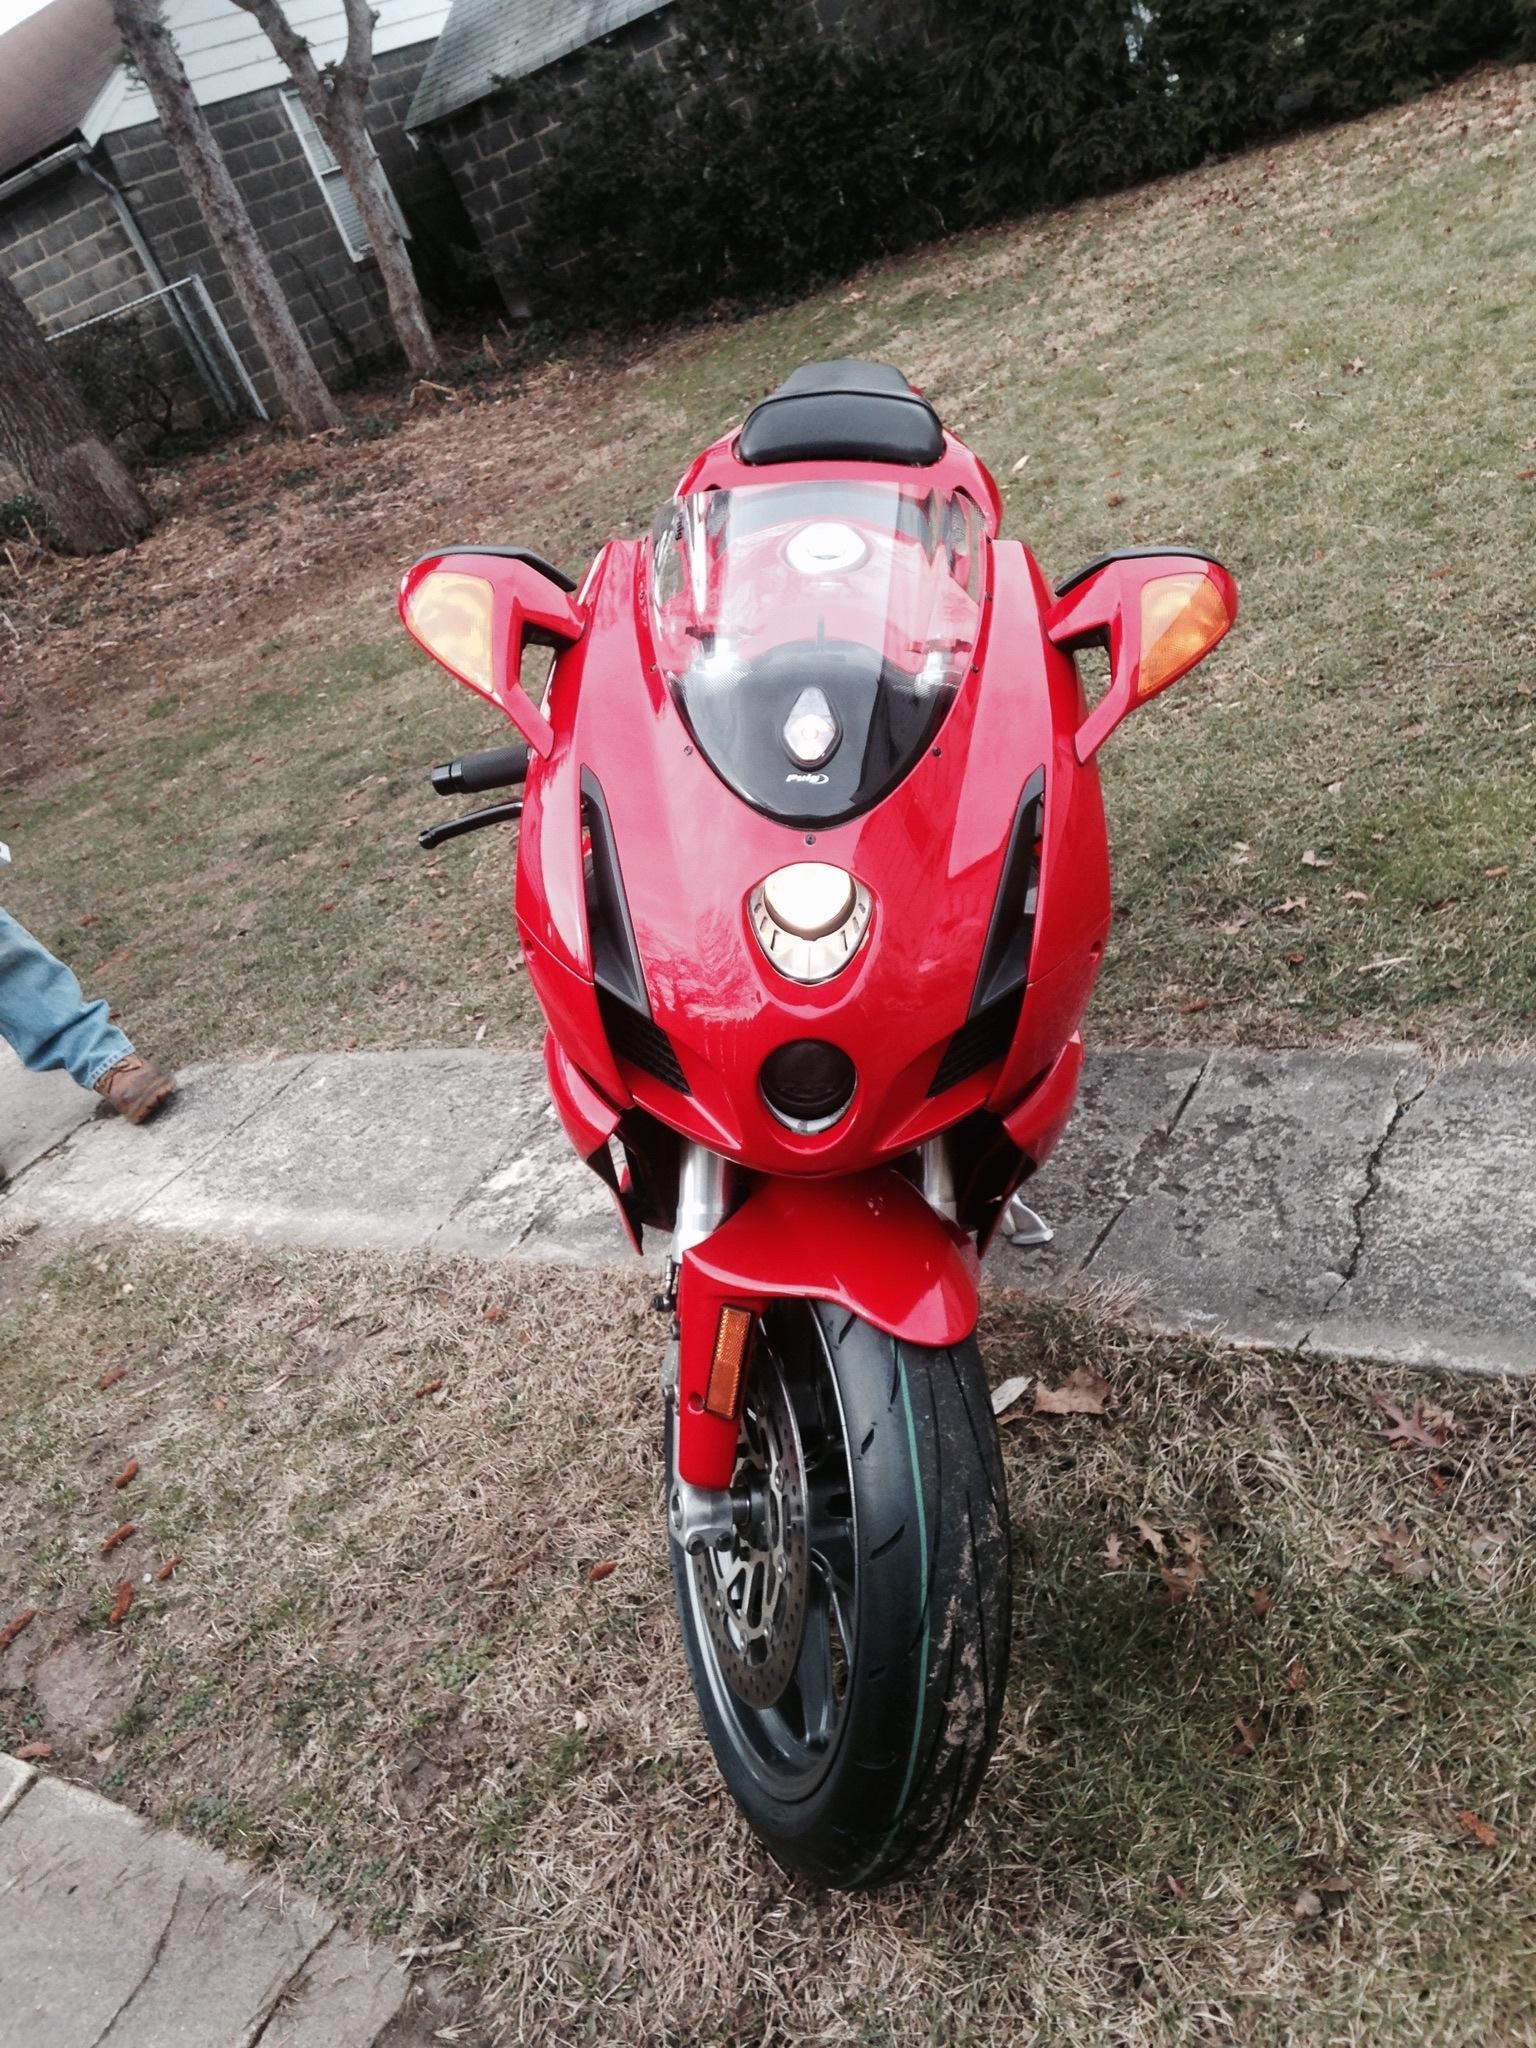 Motorcycle Rental Nyc Ducati